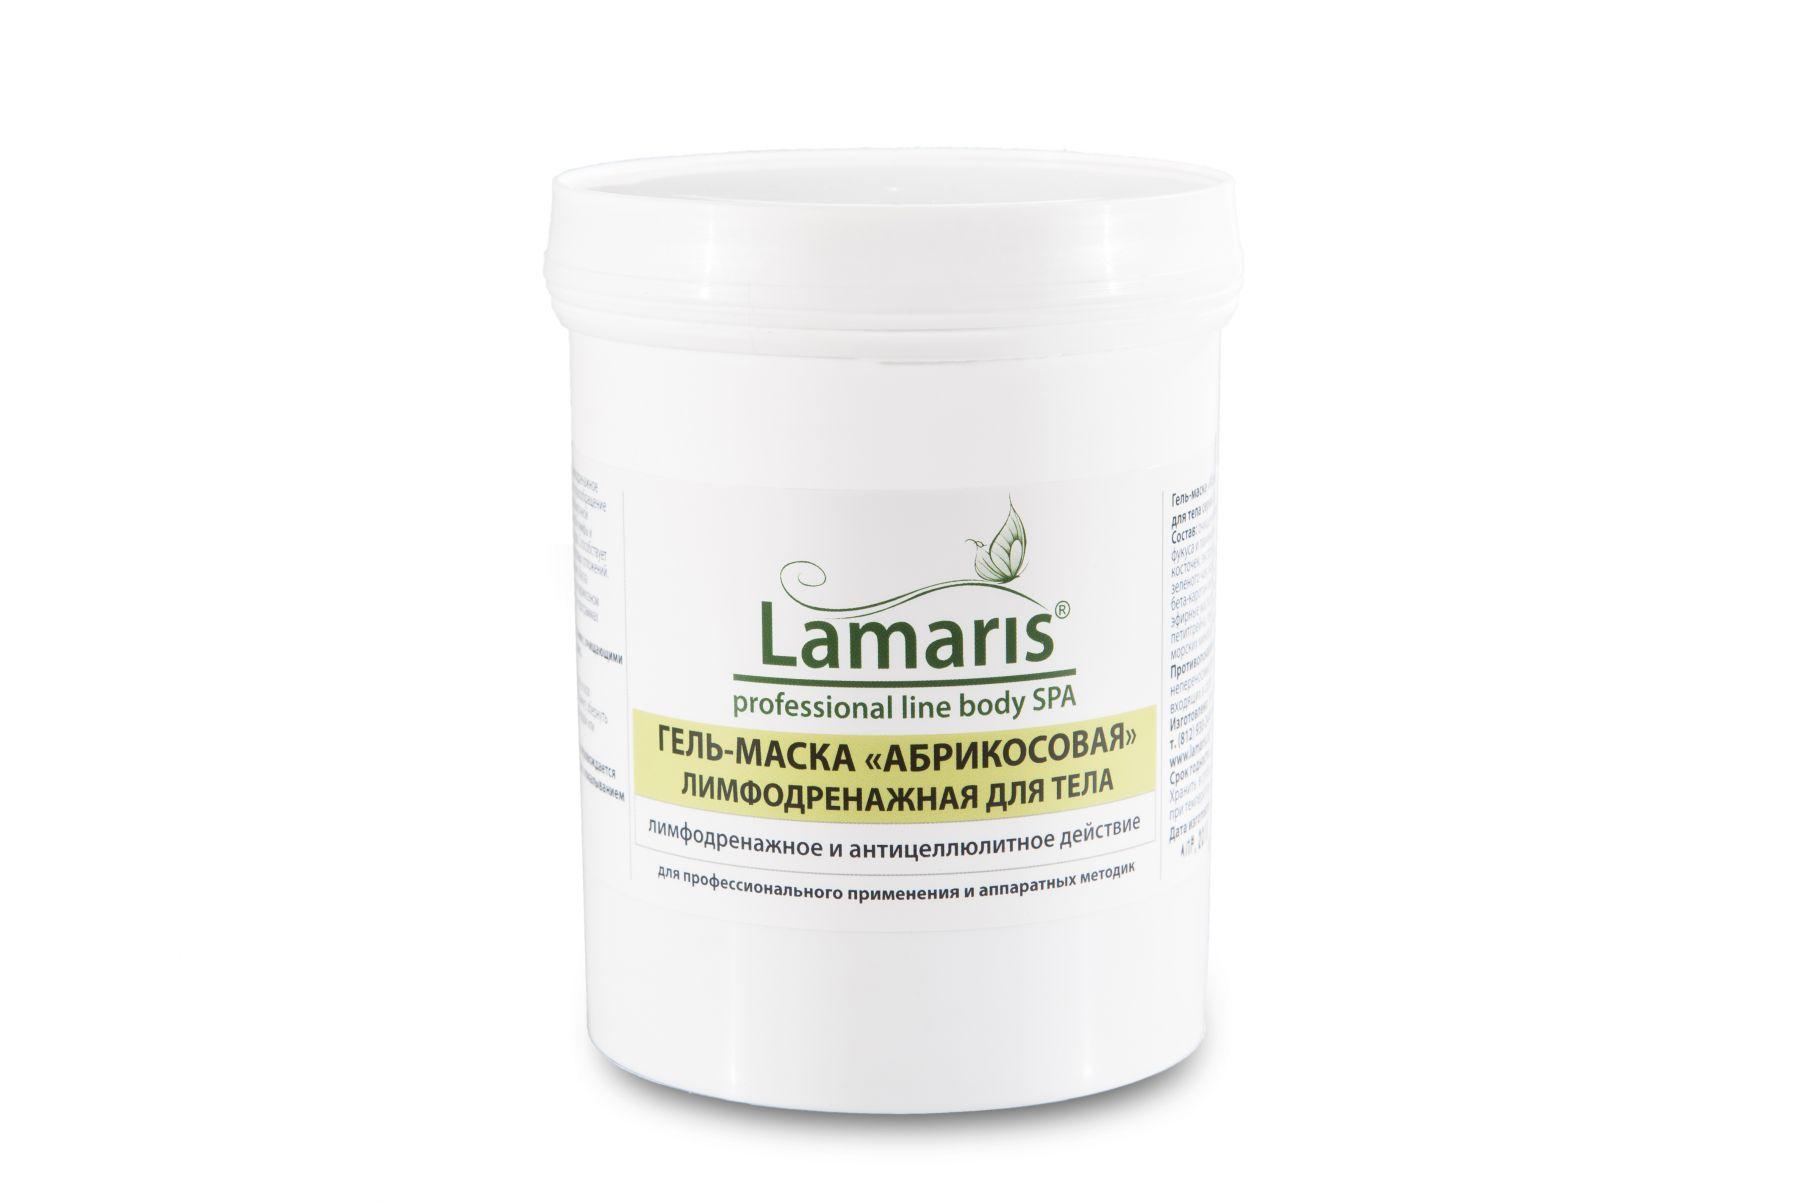 Гель маска охлаждающая Lamaris для тела Абрикосовая - 550 мл, 1 литр